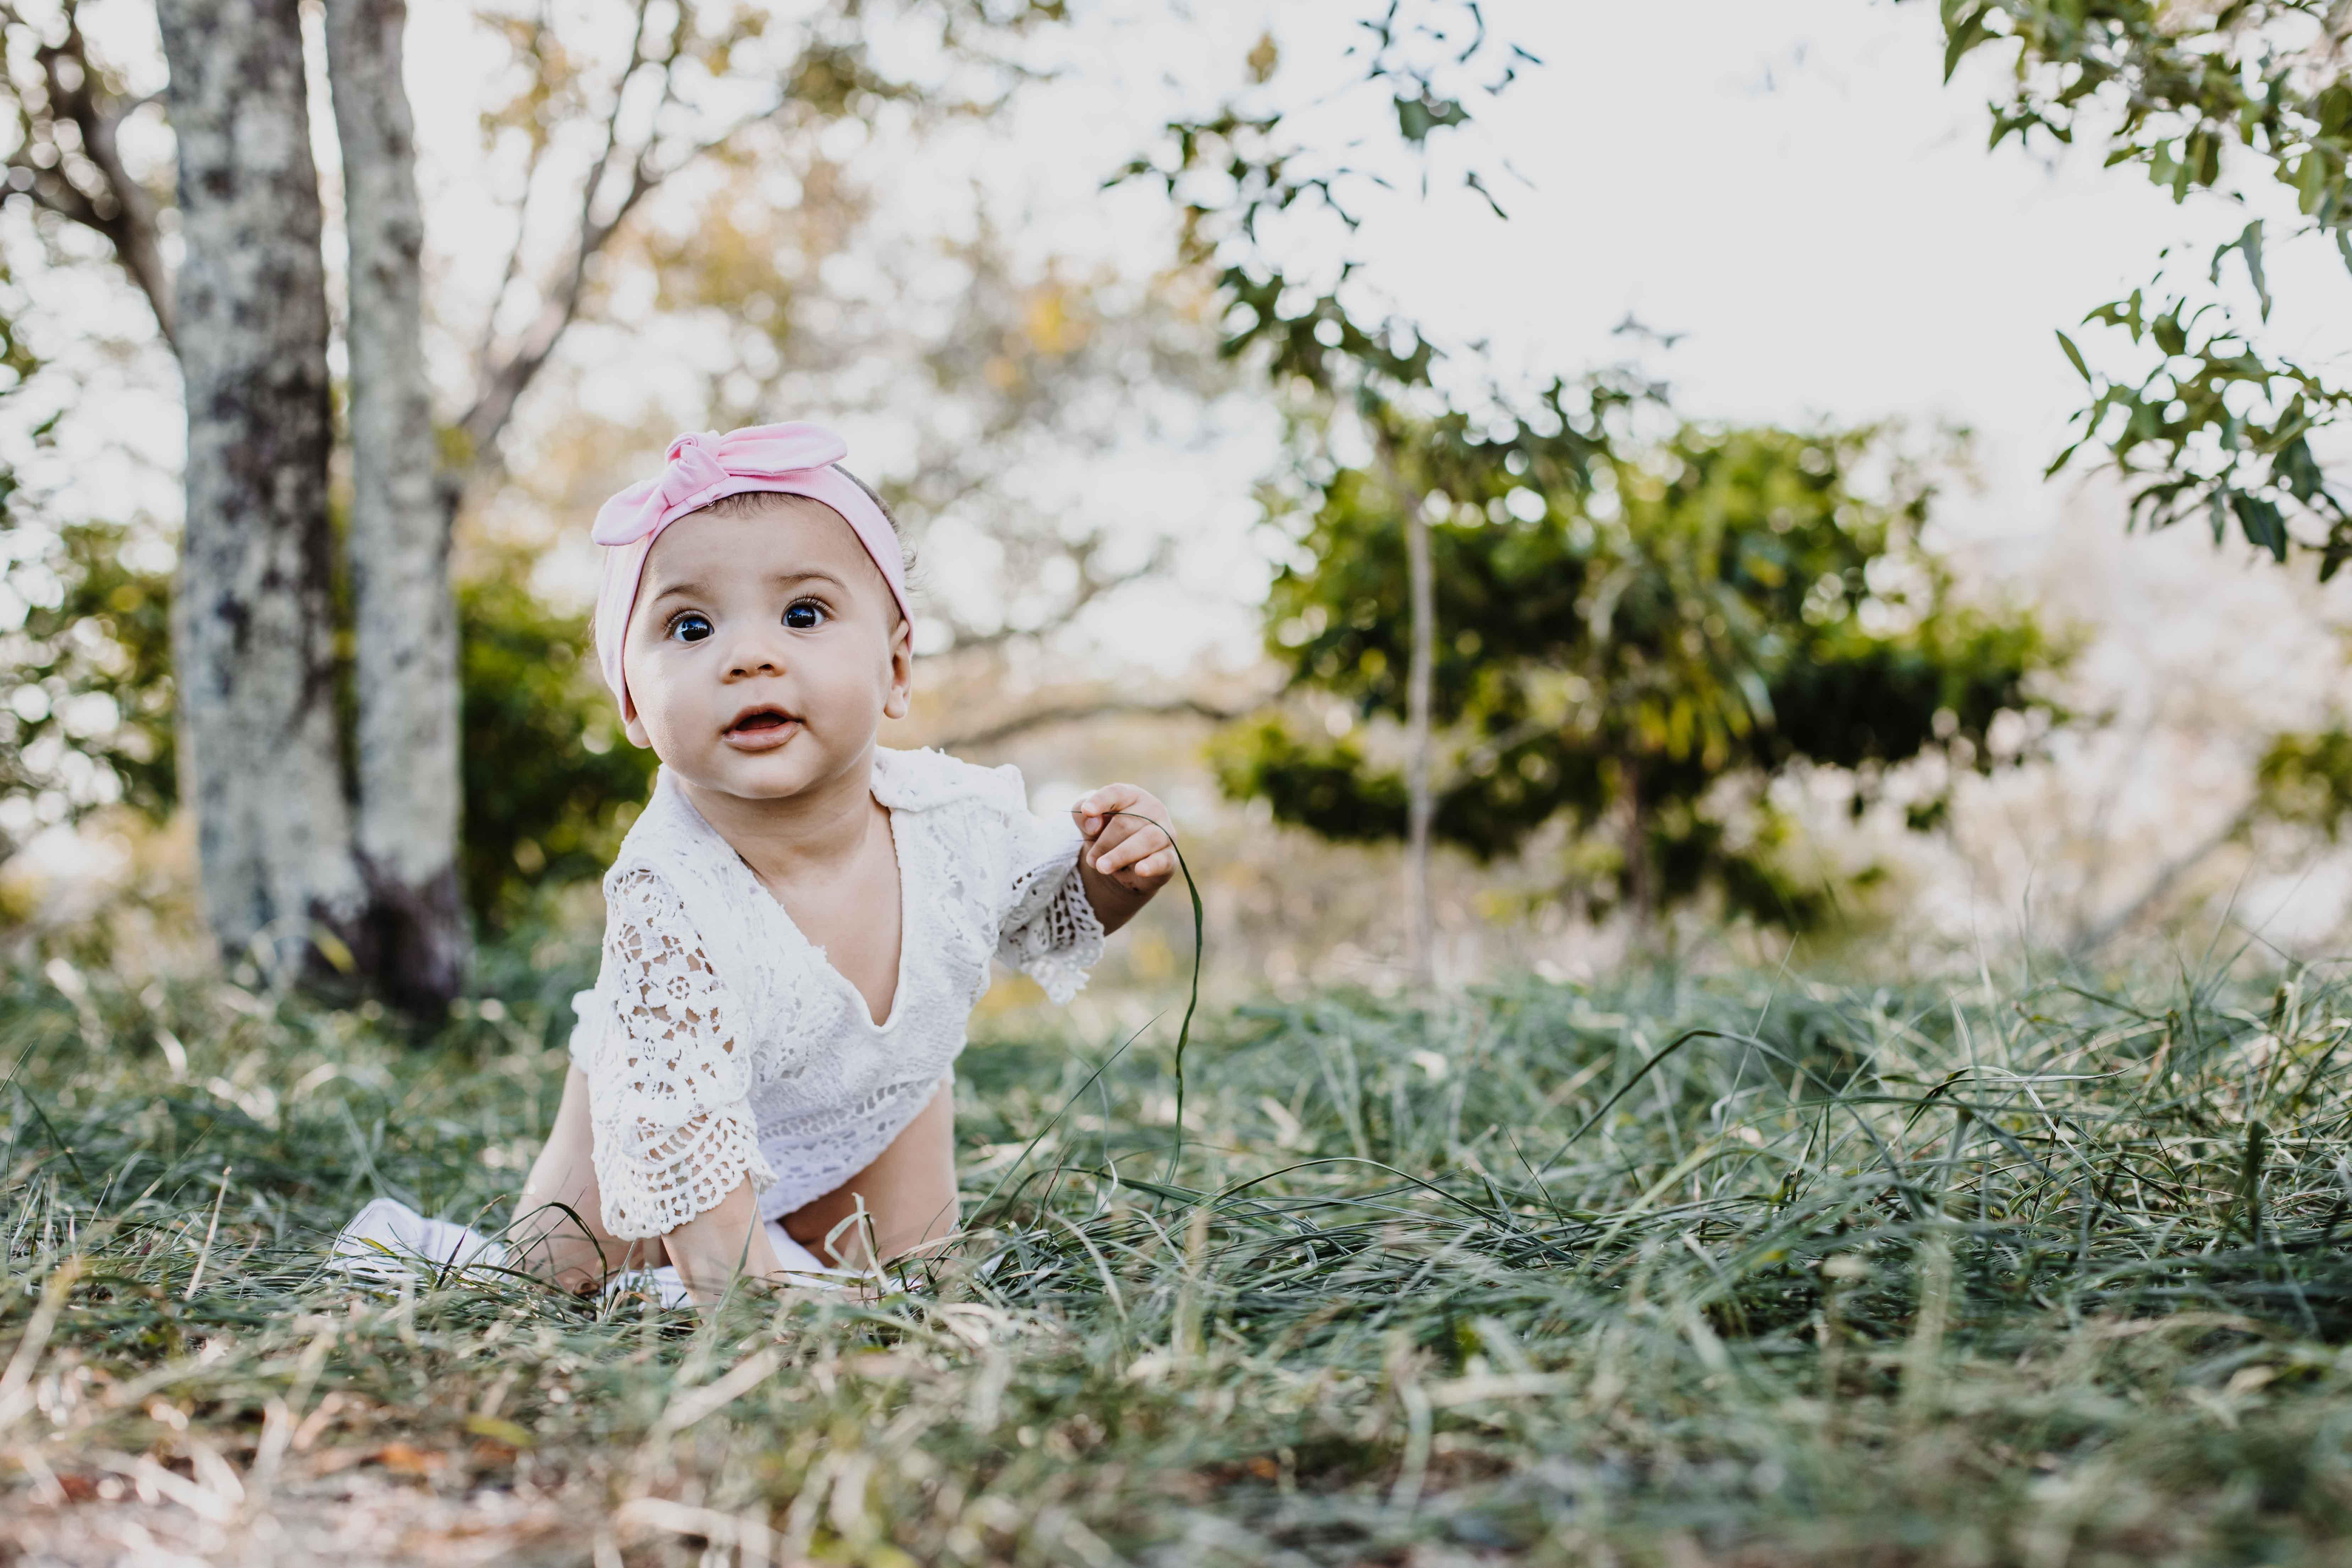 Un bébé marche à quatre pattes dans l'herbe. La petite fille porte une tenue blanche et un bandeau à cheveux rose